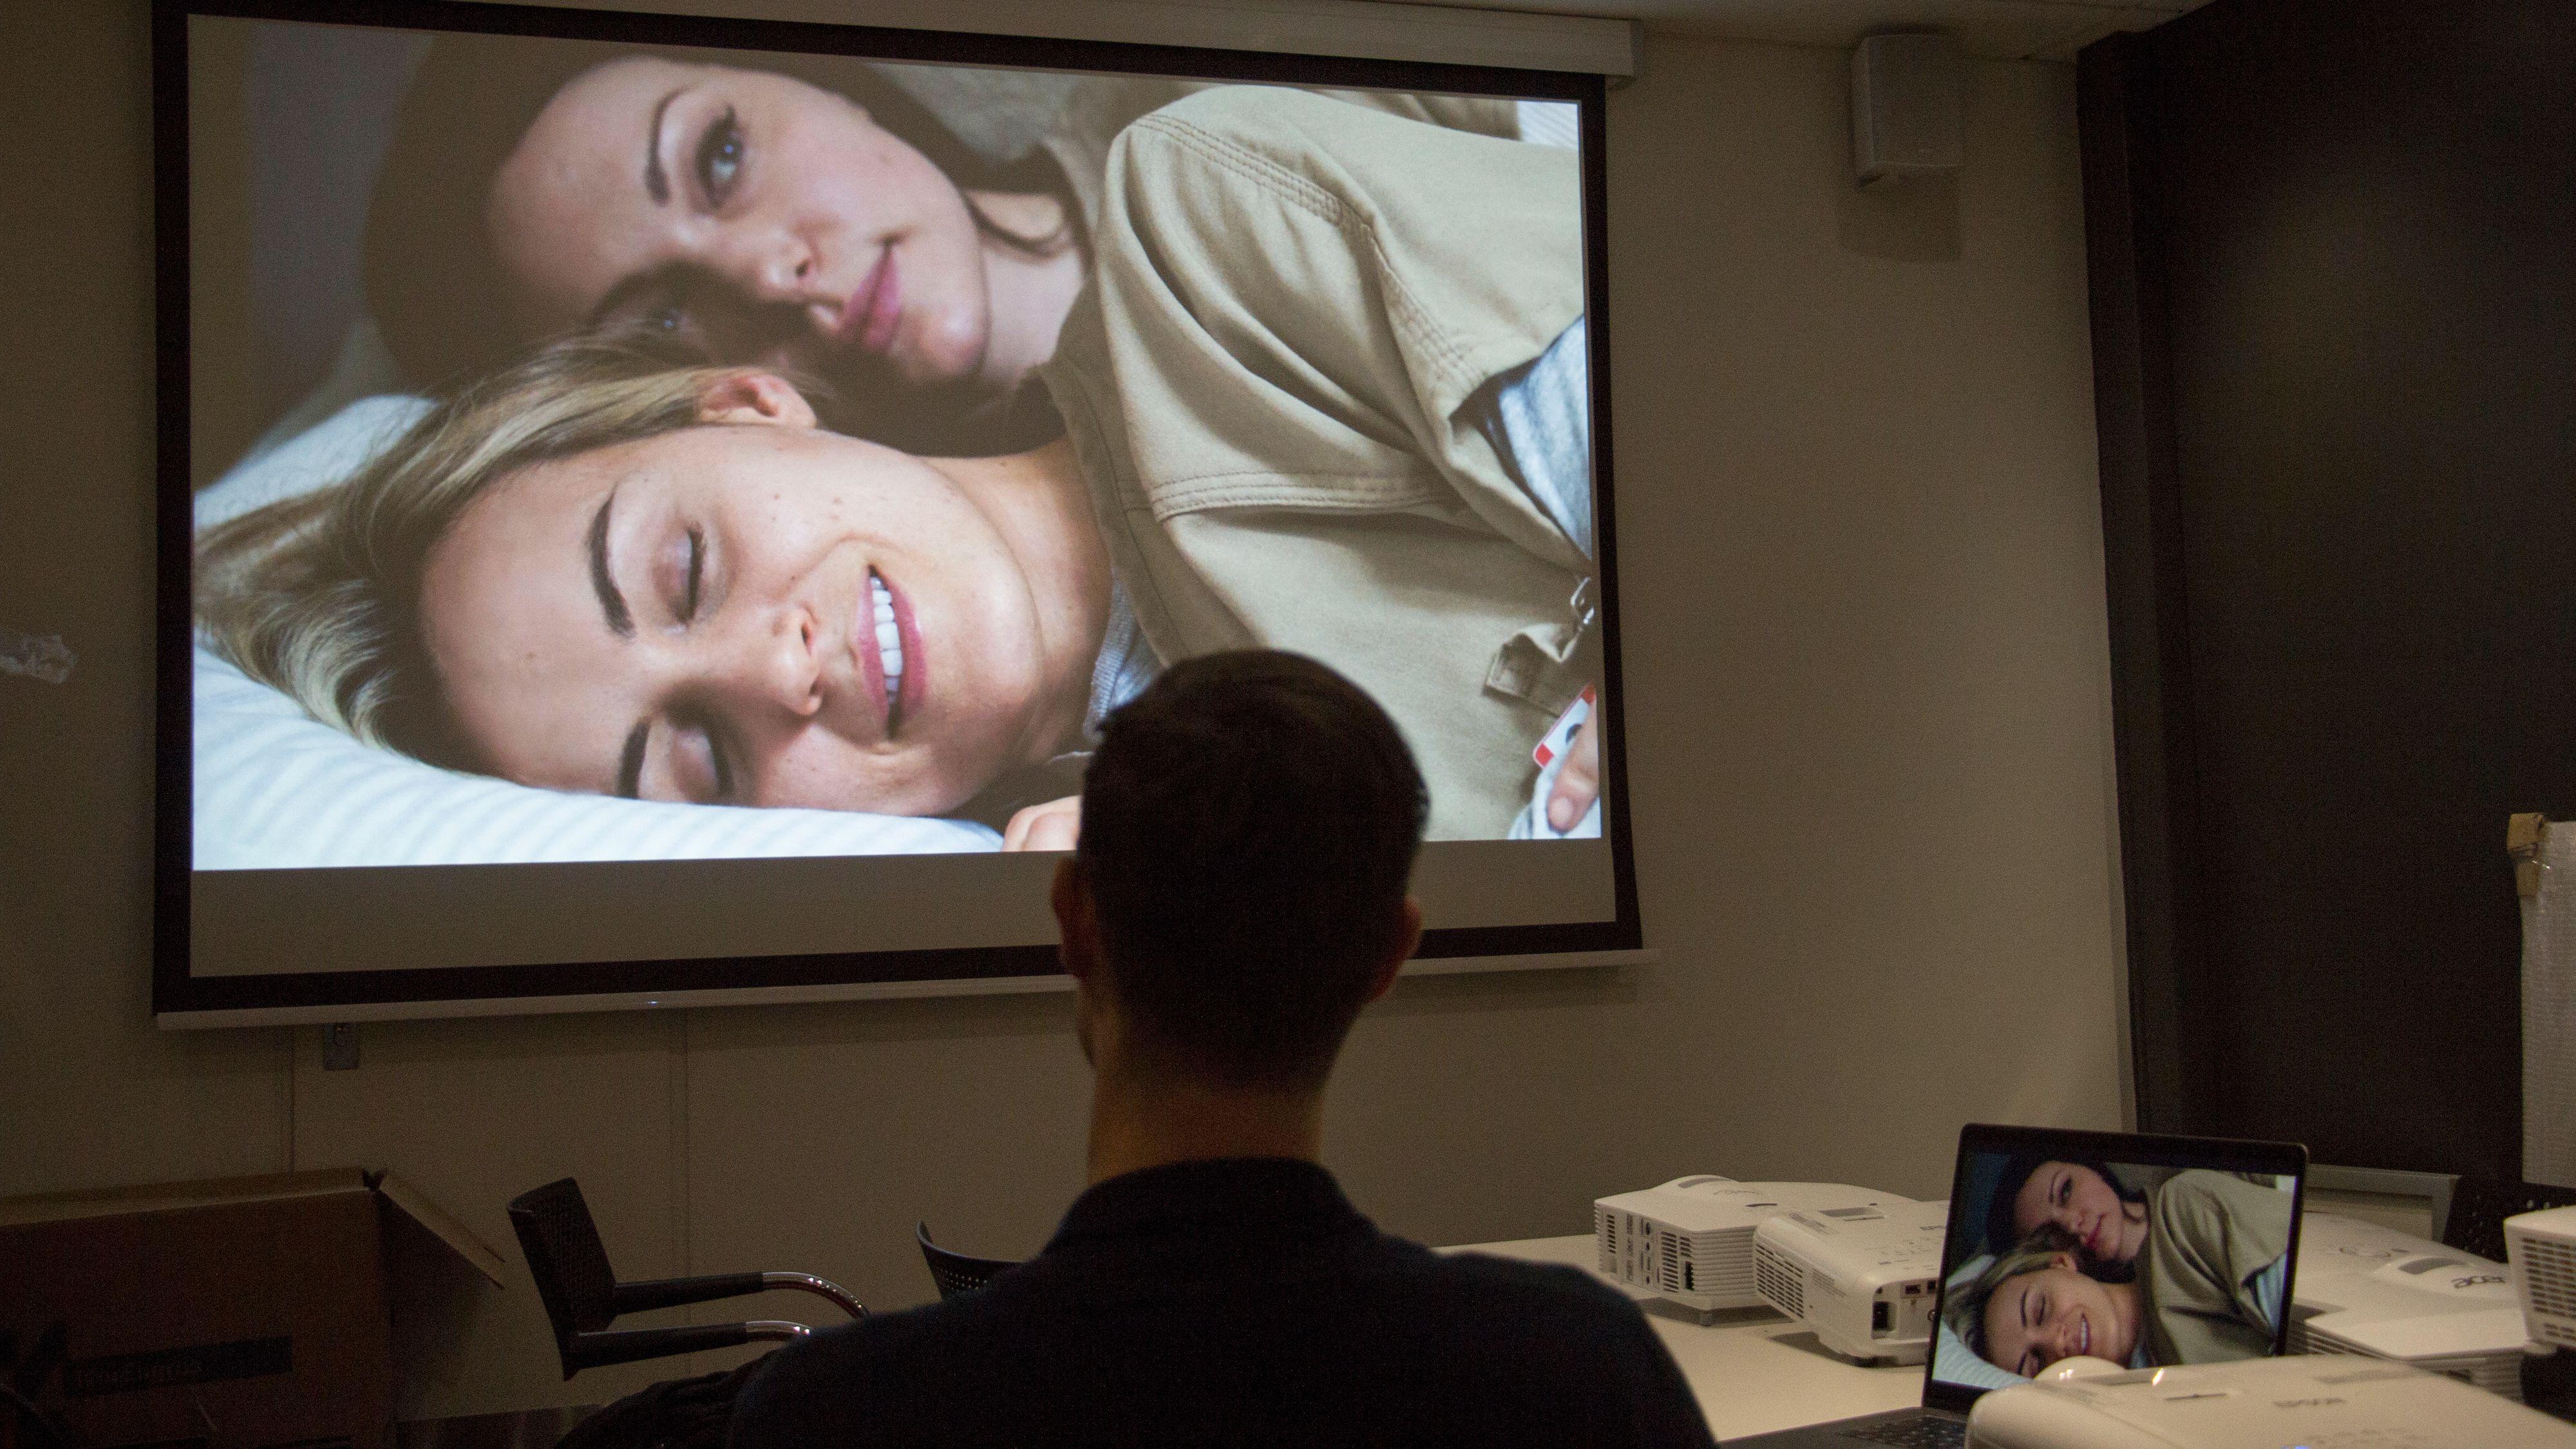 Med en projektor er det langt enklere og billigere å få et enormt bilde. Her Orange is the New Black. Bilde: Ole Henrik Johansen / Tek.no